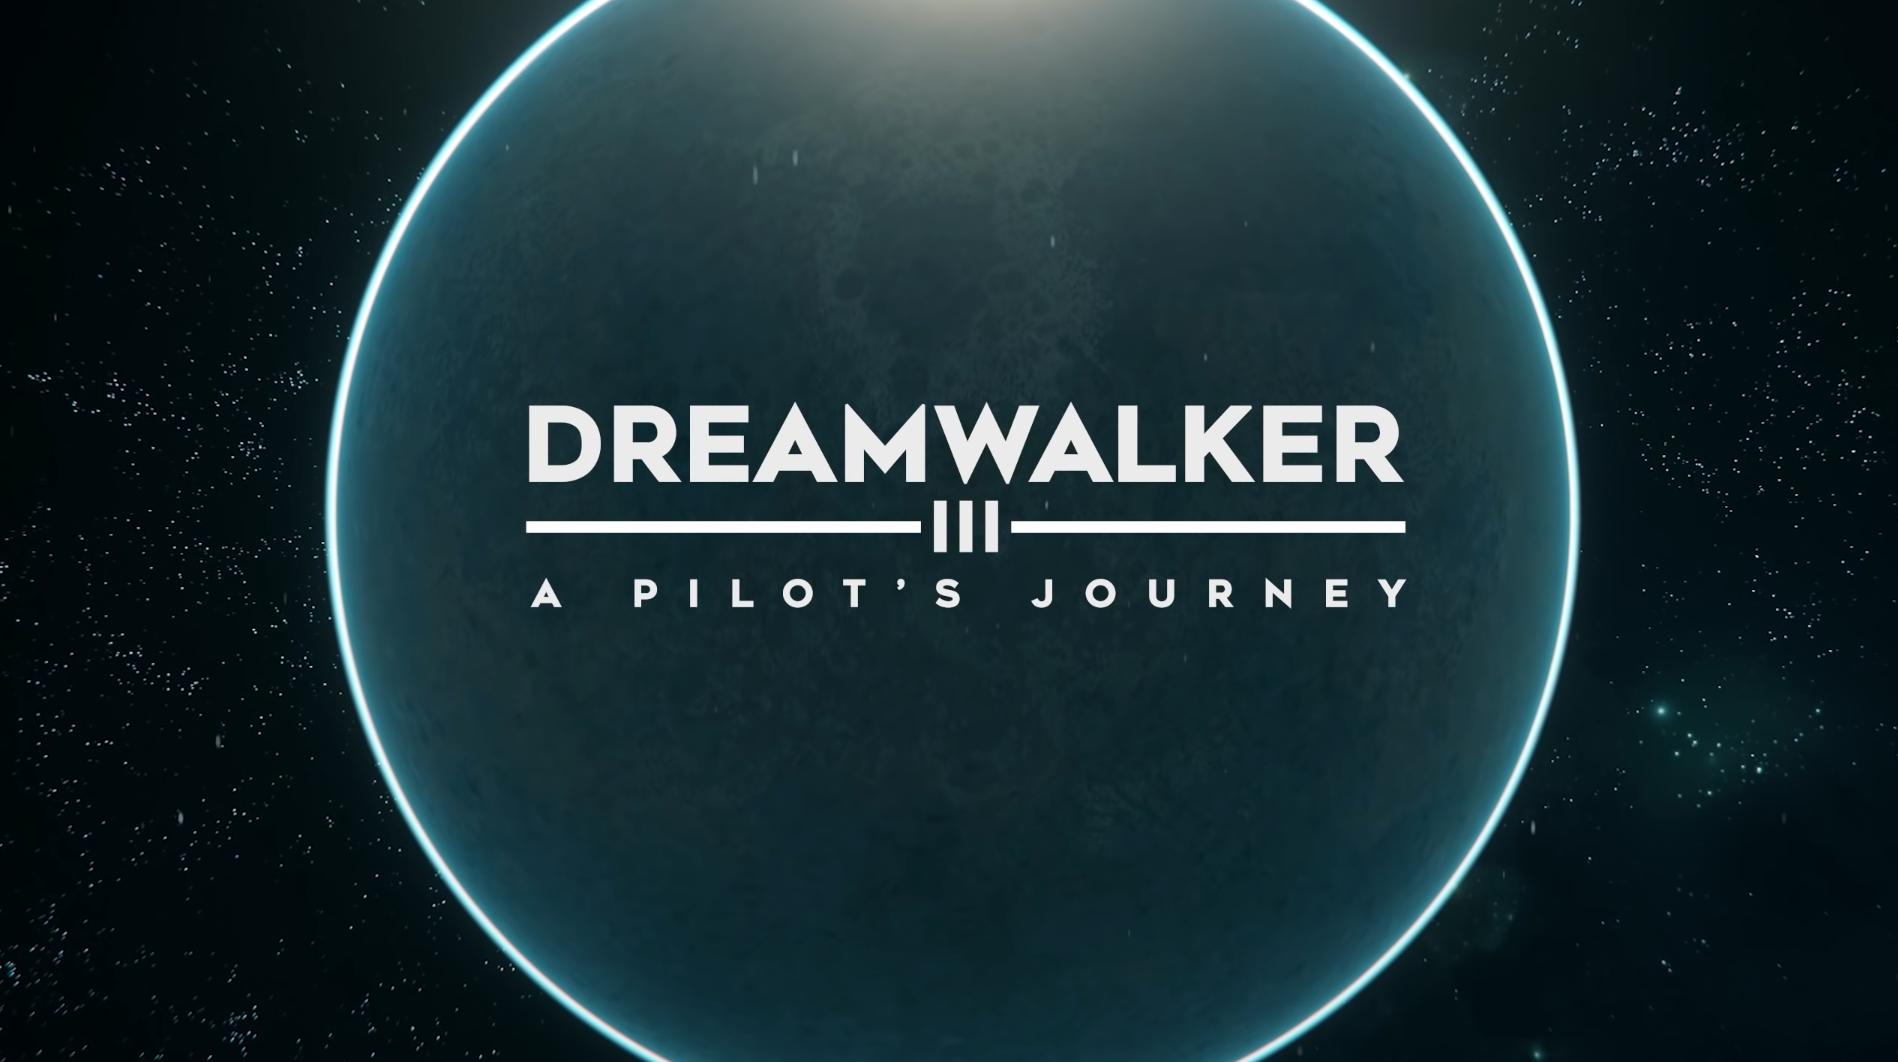 Dreamwalker_3